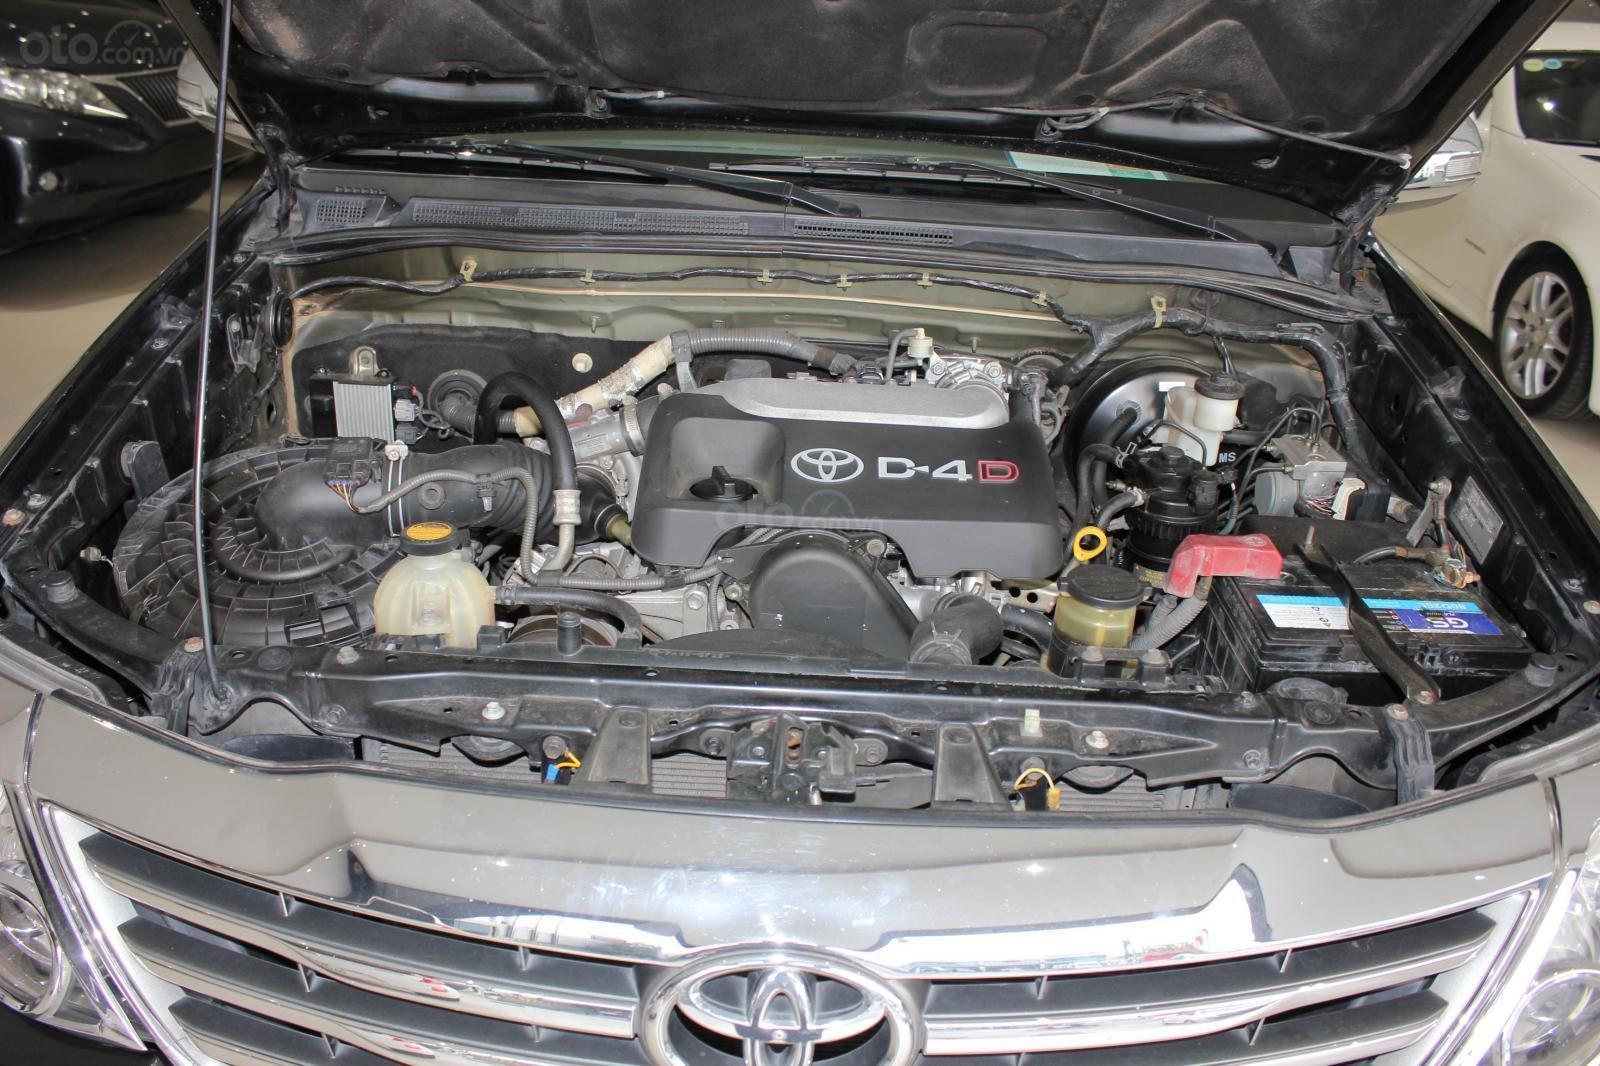 Bán xe Toyota Fortuner 2.5G MT đời 2012, máy dầu, màu đen, biển SG, xe đẹp (15)